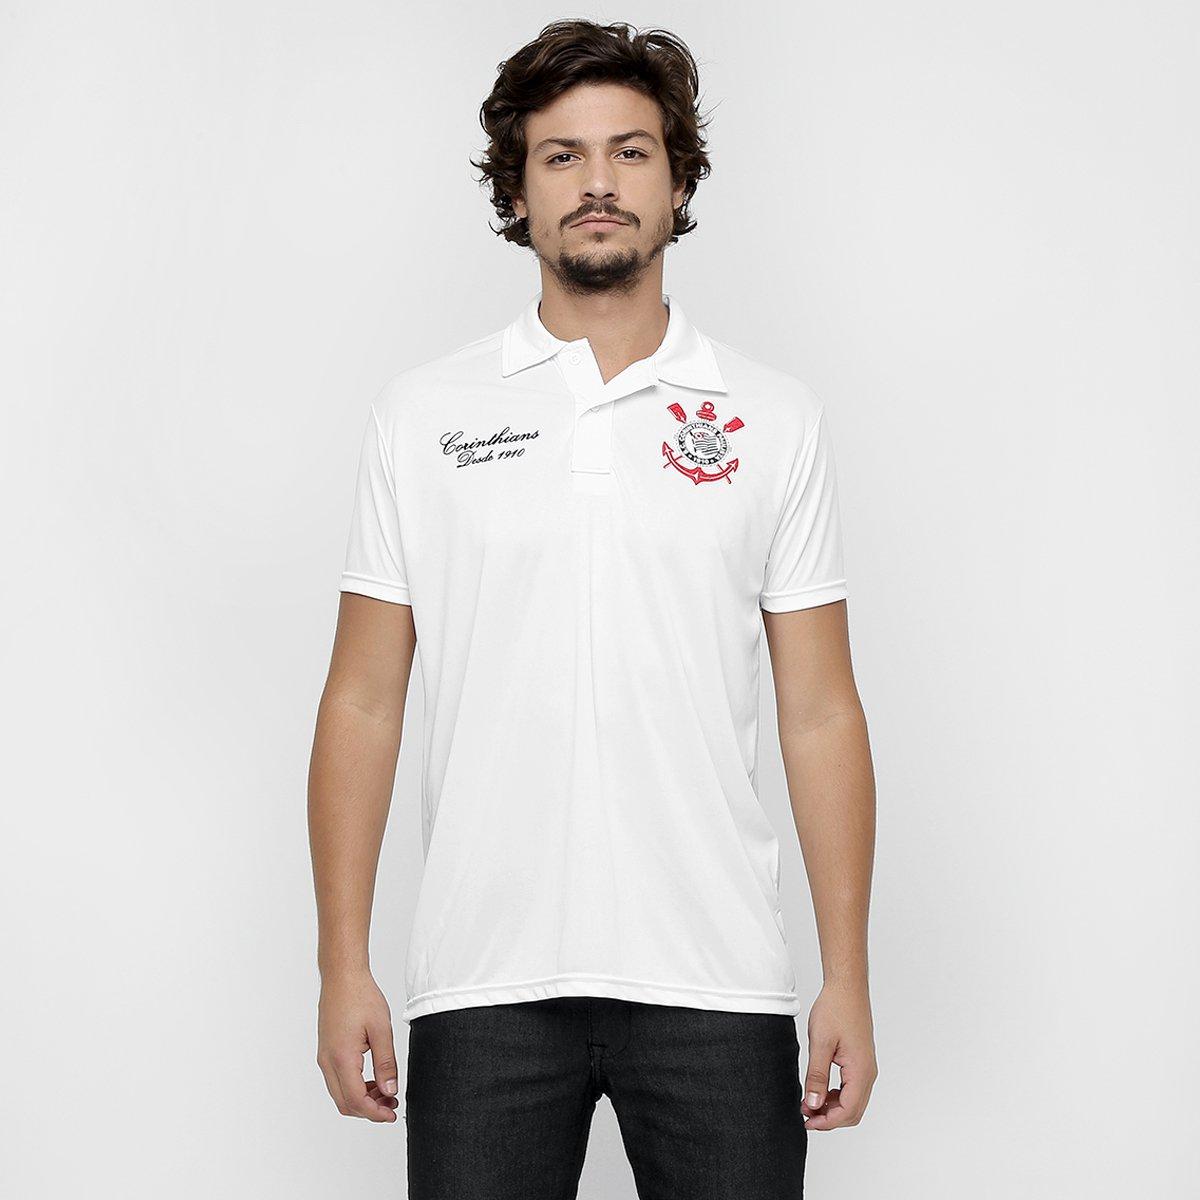 Camisa Polo Corinthians Basic Masculina - Compre Agora  c1d33ef4632